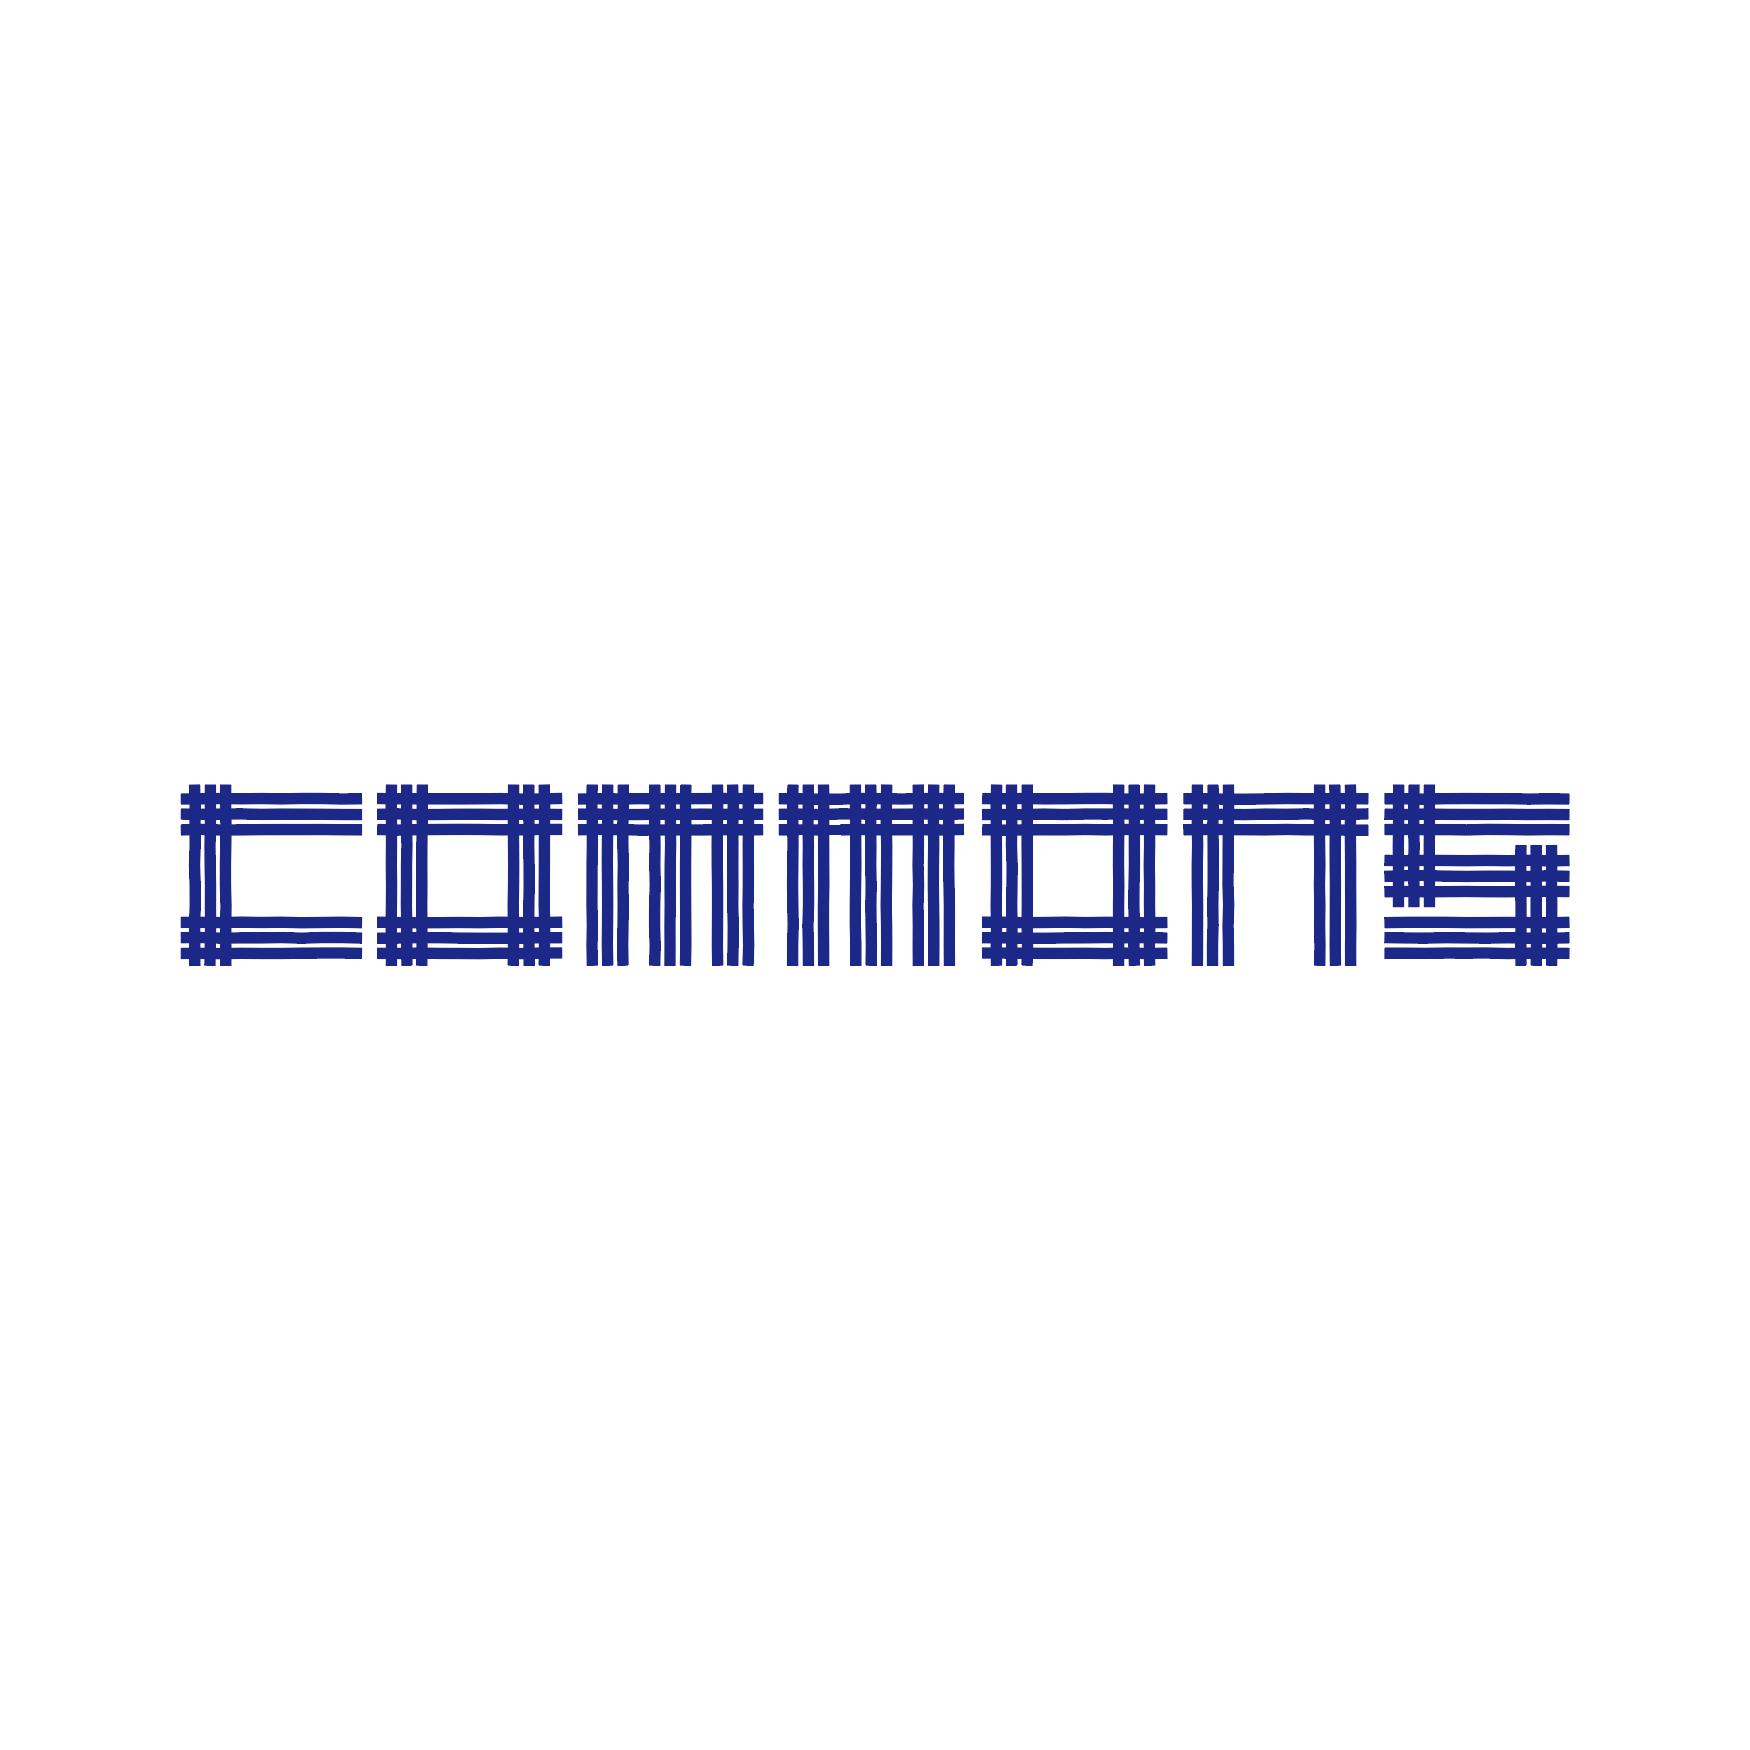 地域協働推進機構|高円寺 COMMONS コモンズ|VI ロゴデザイン|商業施設・地域活性化団体|東京都杉並区高円寺